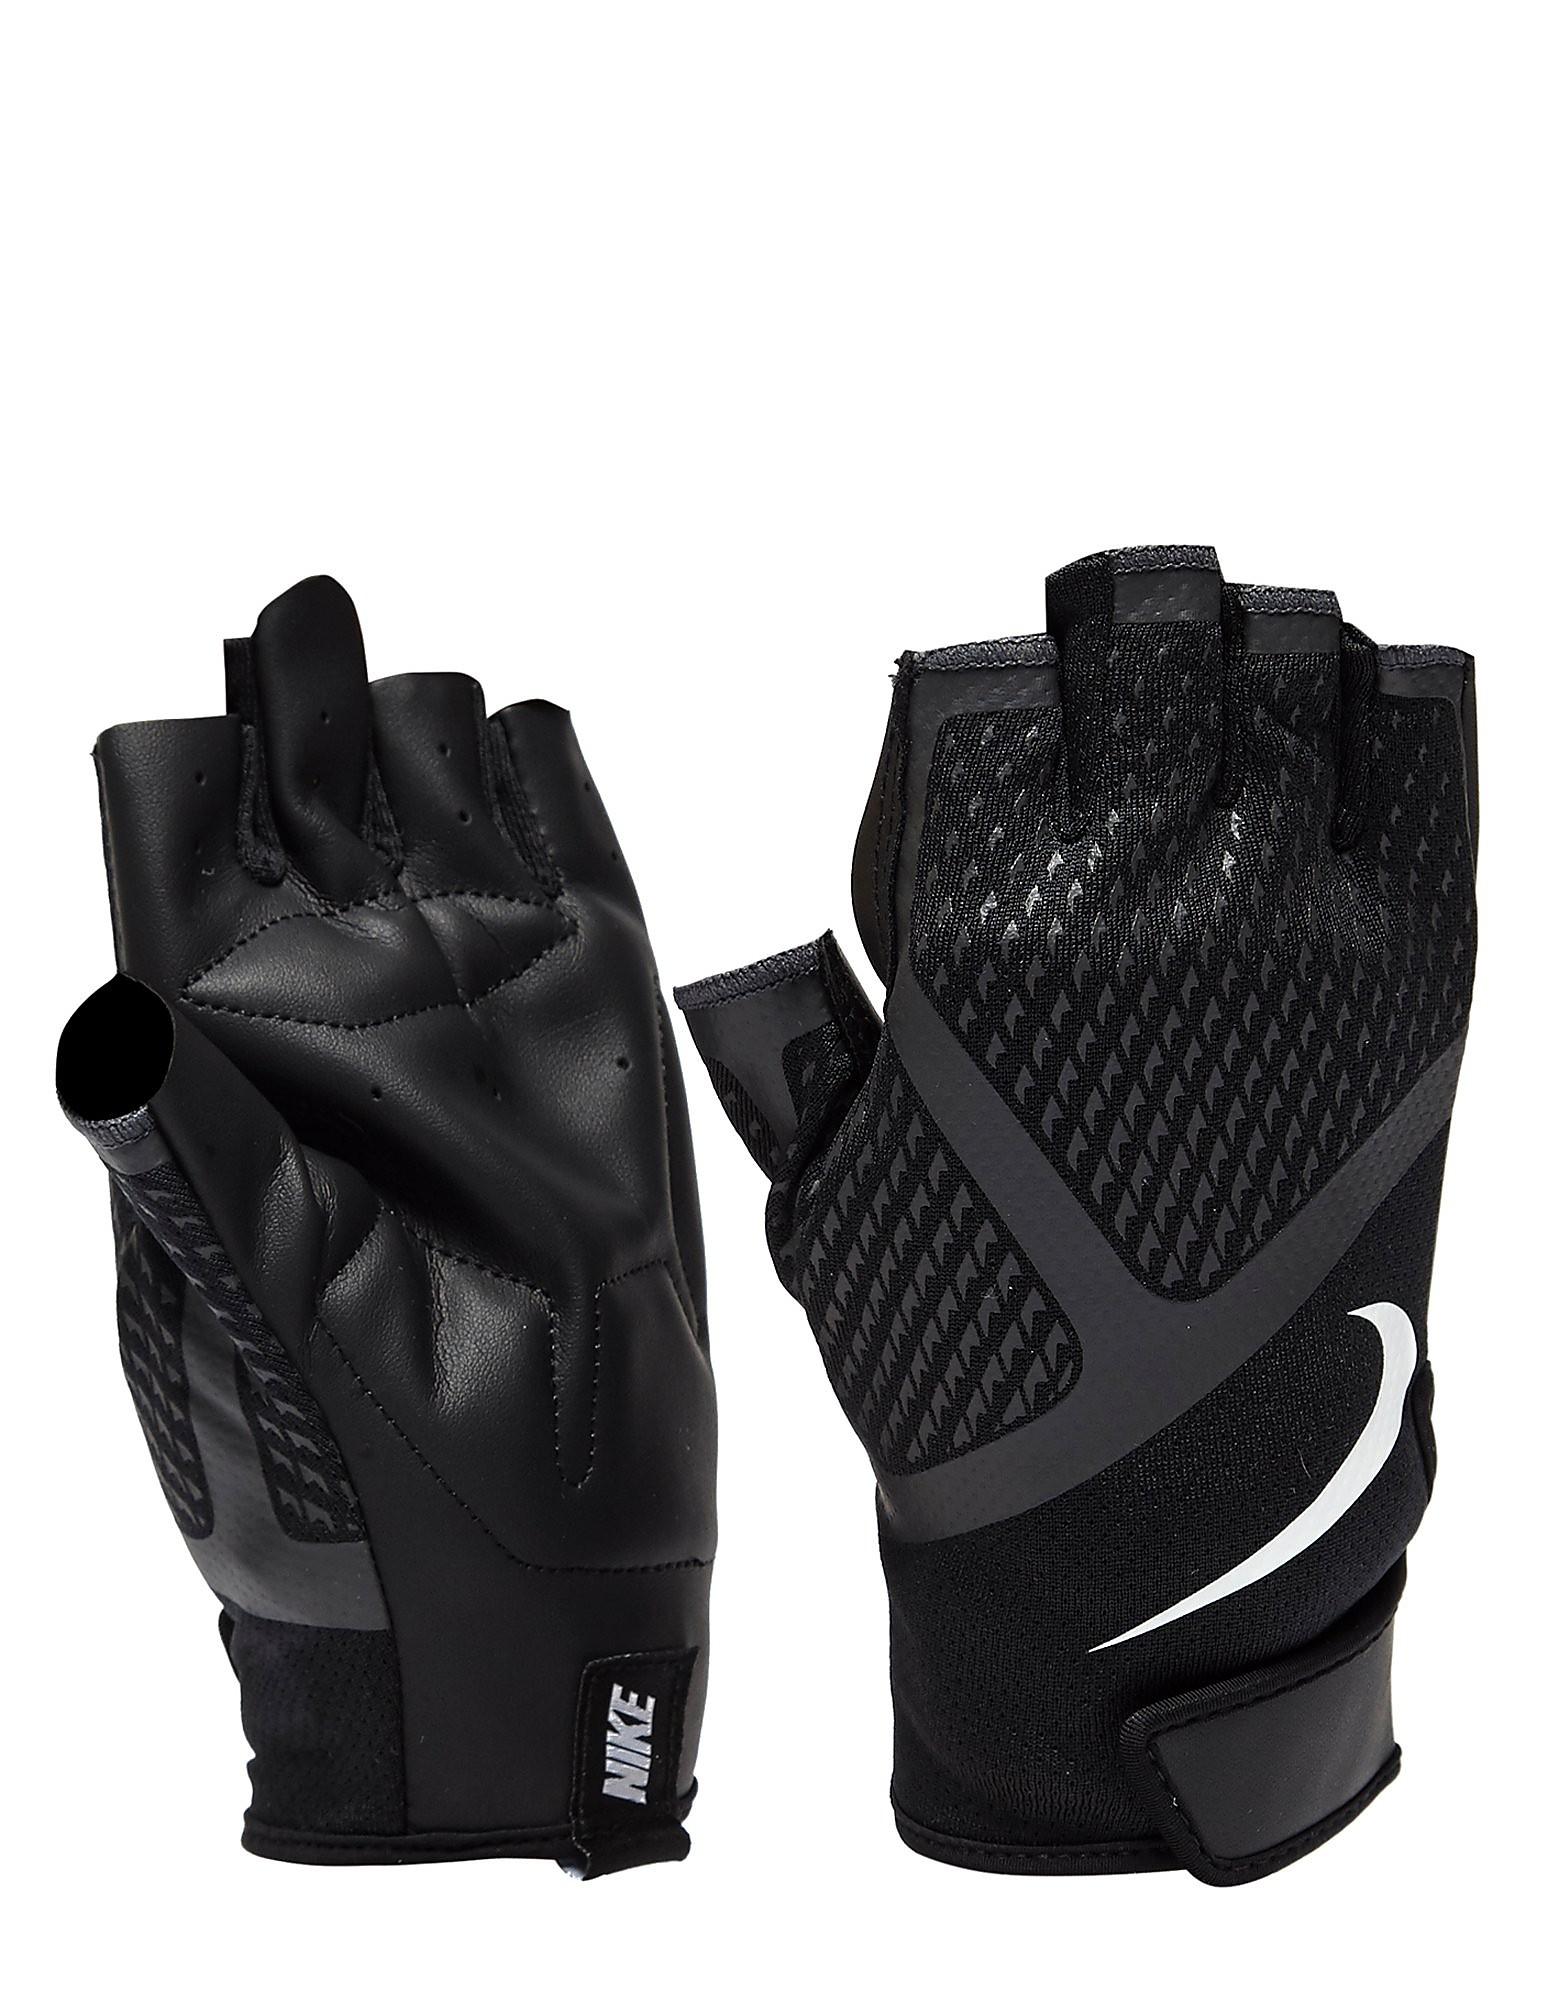 Leather gloves mens jd - Nike Renegade Fitness Gloves Black Mens Black